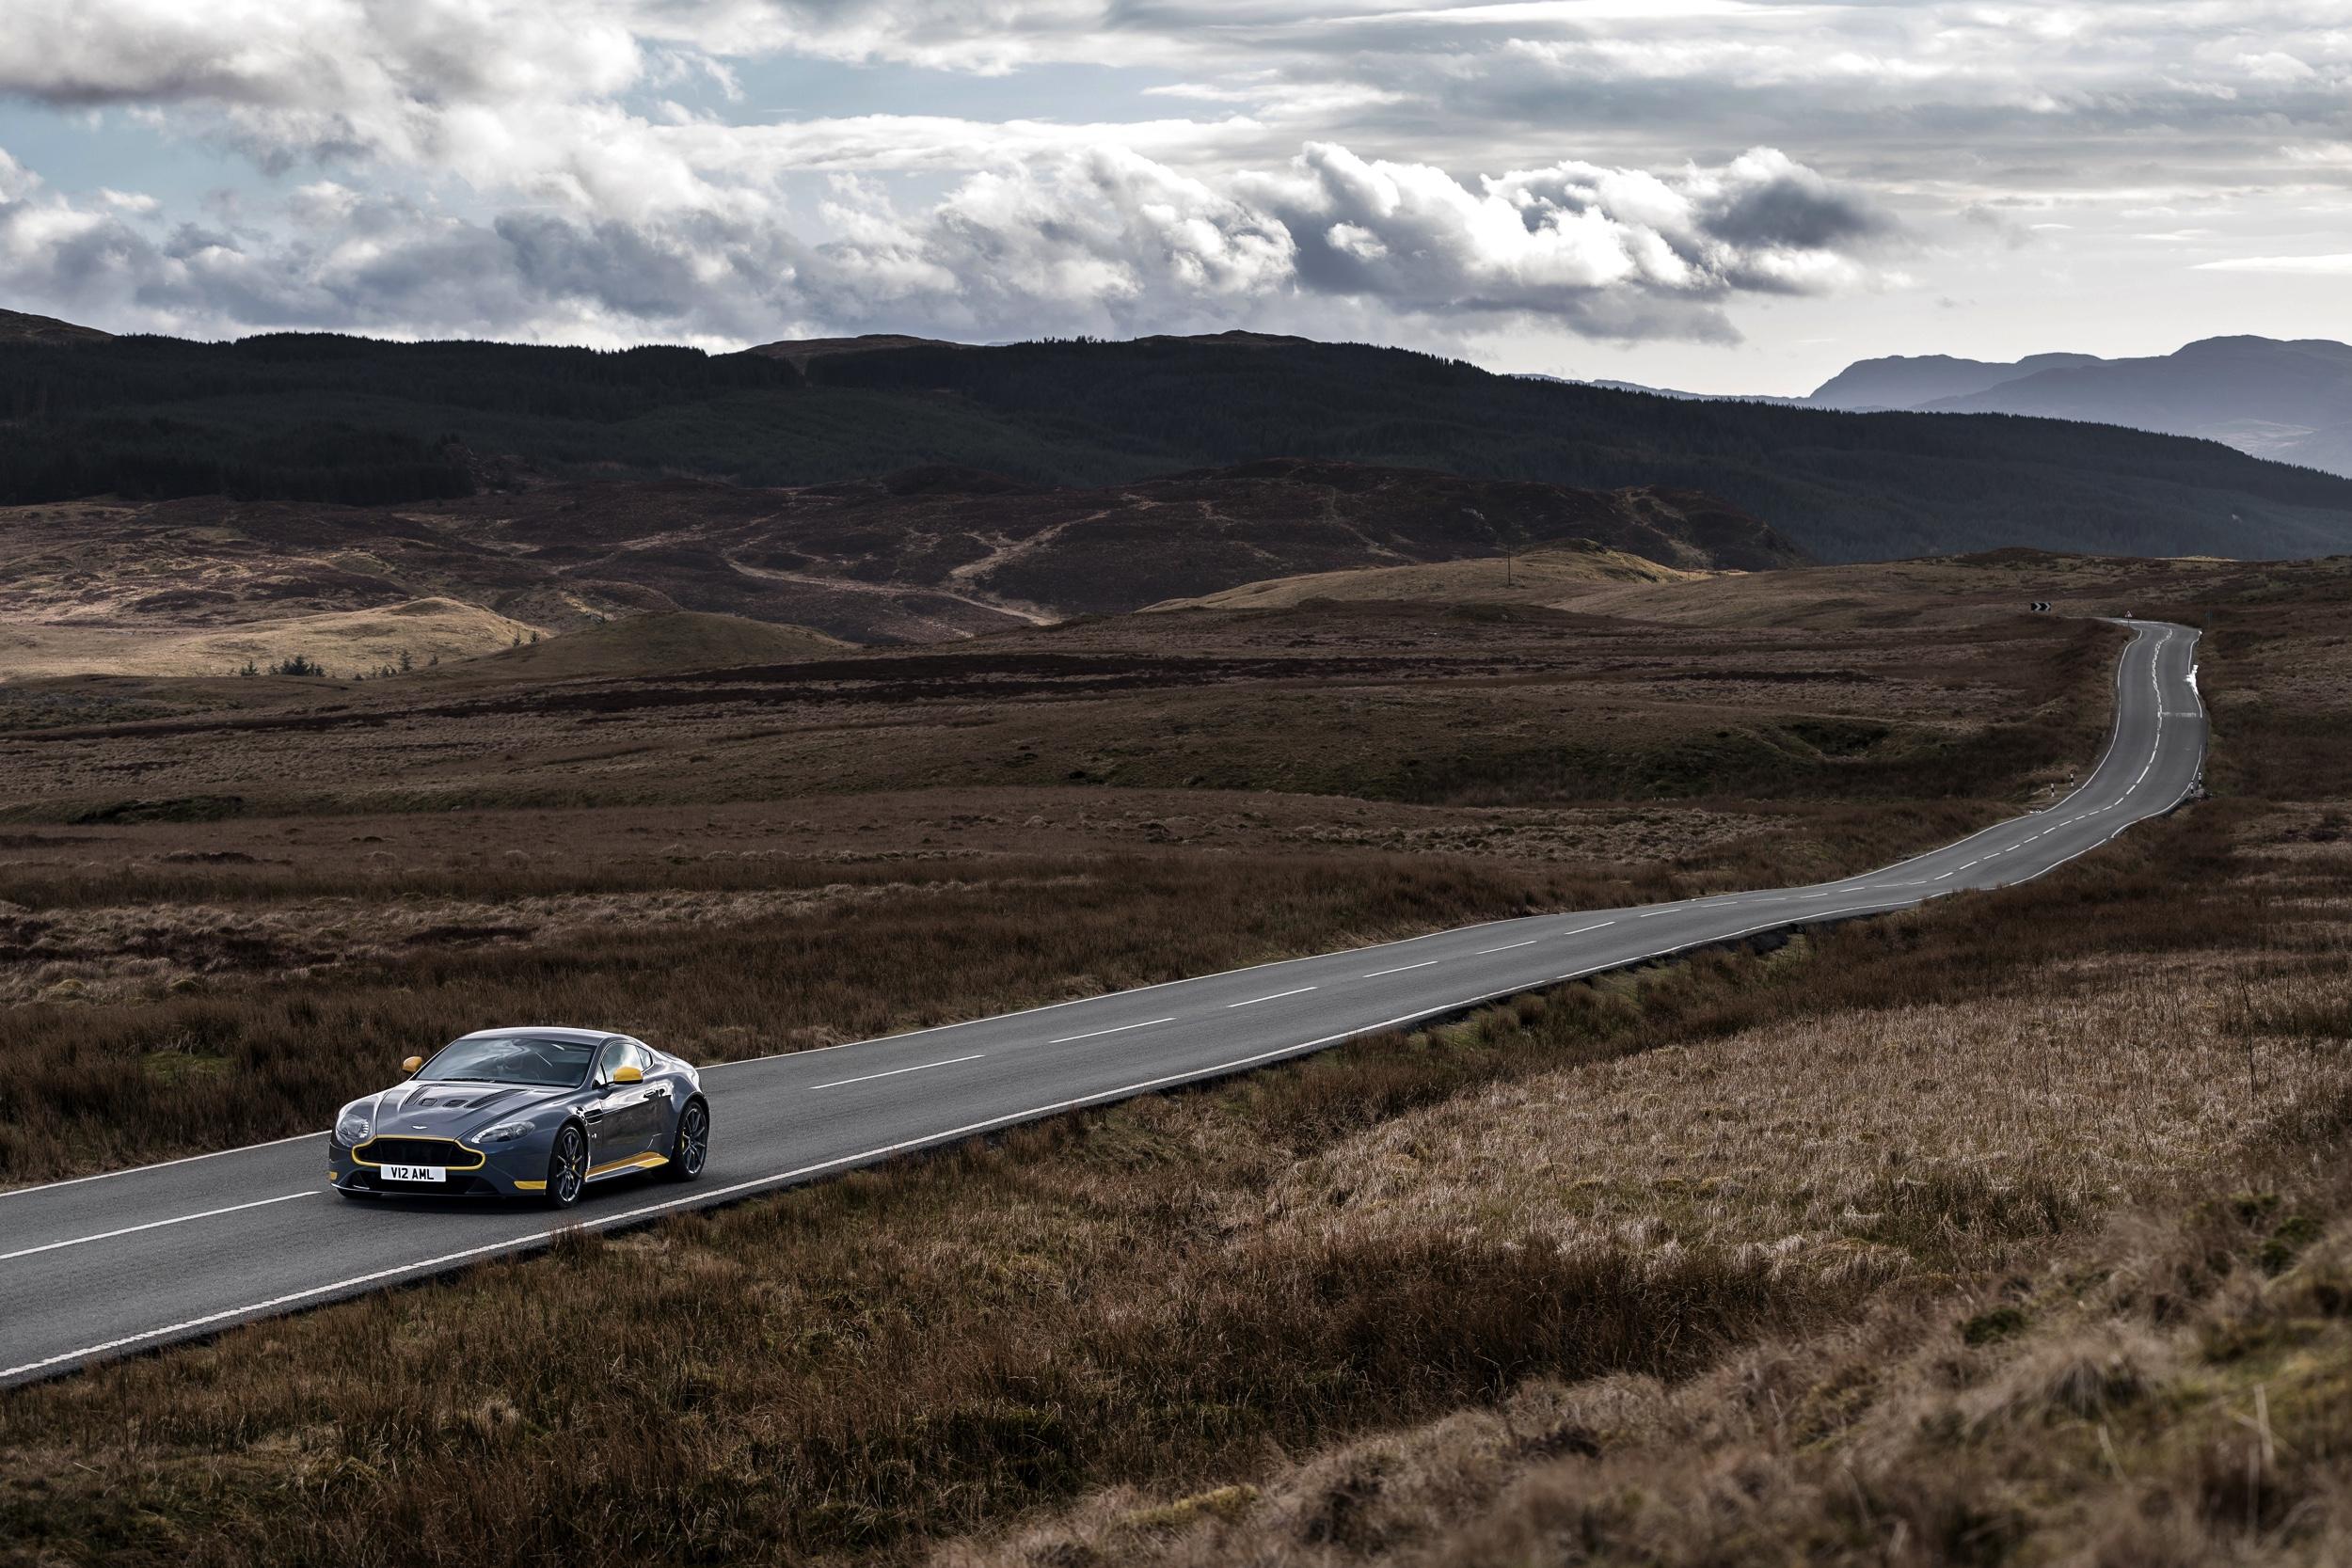 Aston Martin V12 Vantage S -31- Autovisie.nl